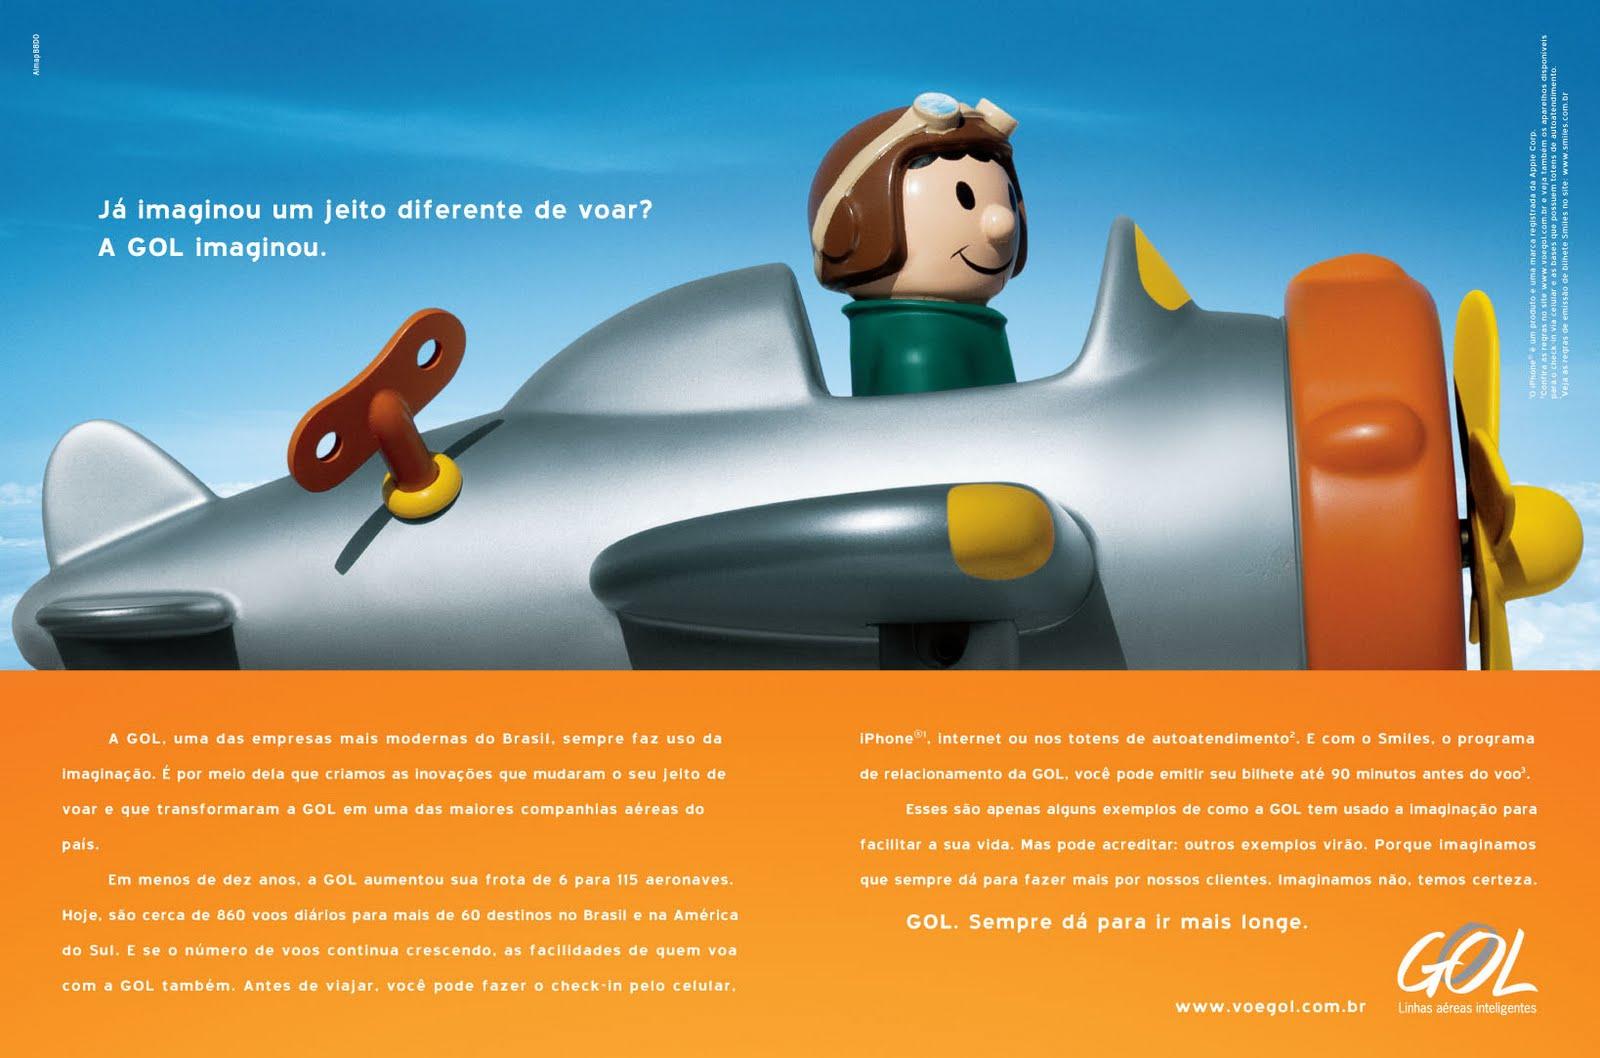 Gol Linhas Aéreas Inteligentes lança campanha de marca e reforça inovação 9ff0ebf04f